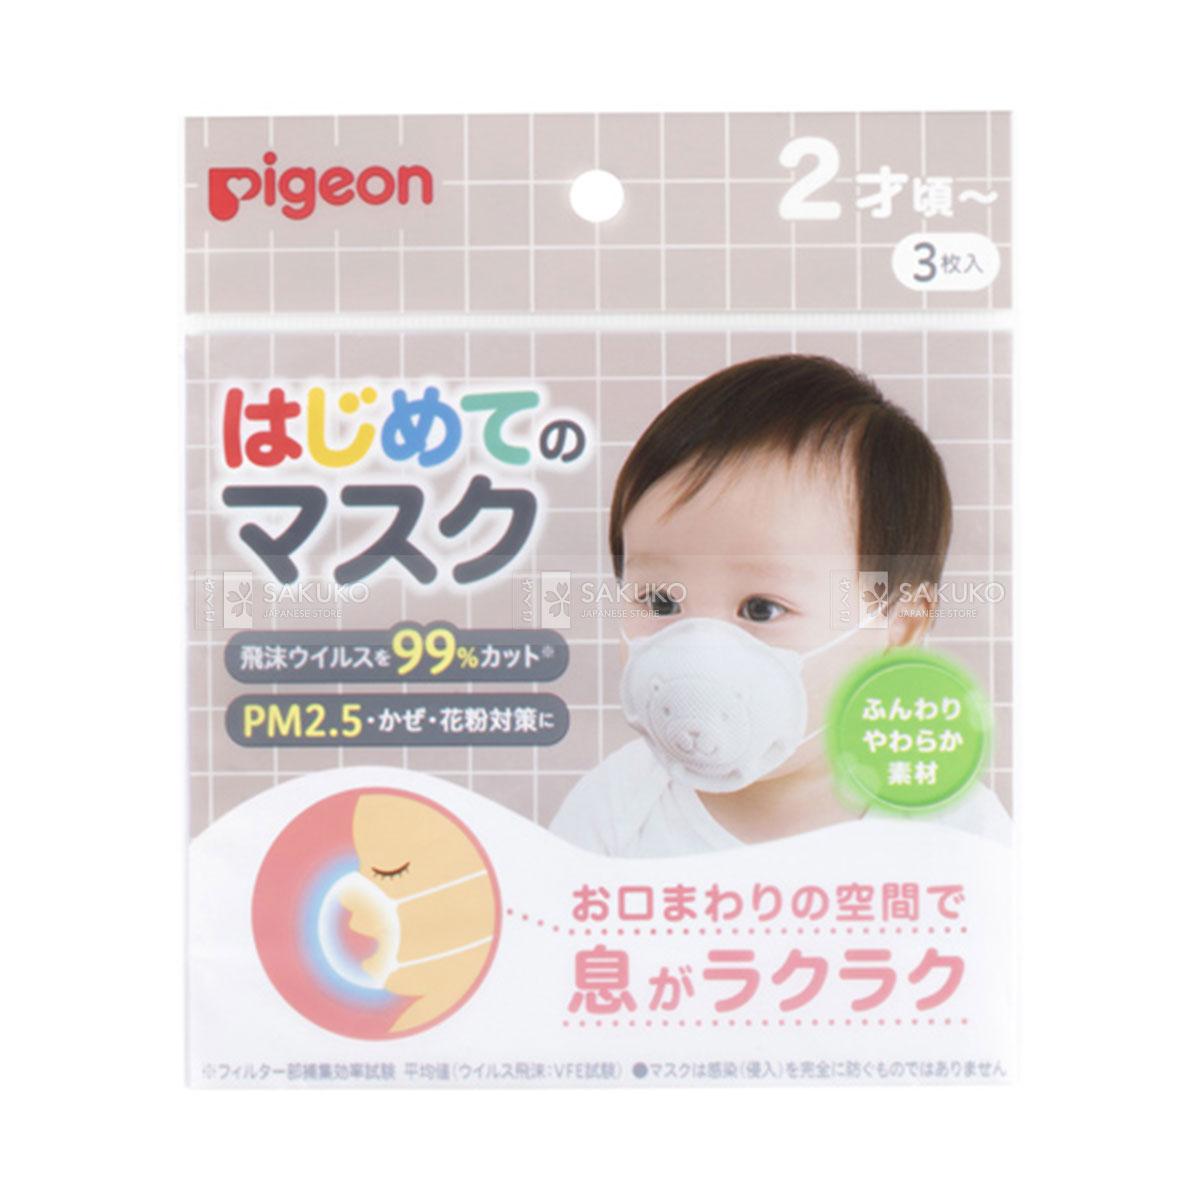 Set 3 khẩu trang Pigeon kháng khuẩn hình gấu cho bé - Hàng Nhật nội địa